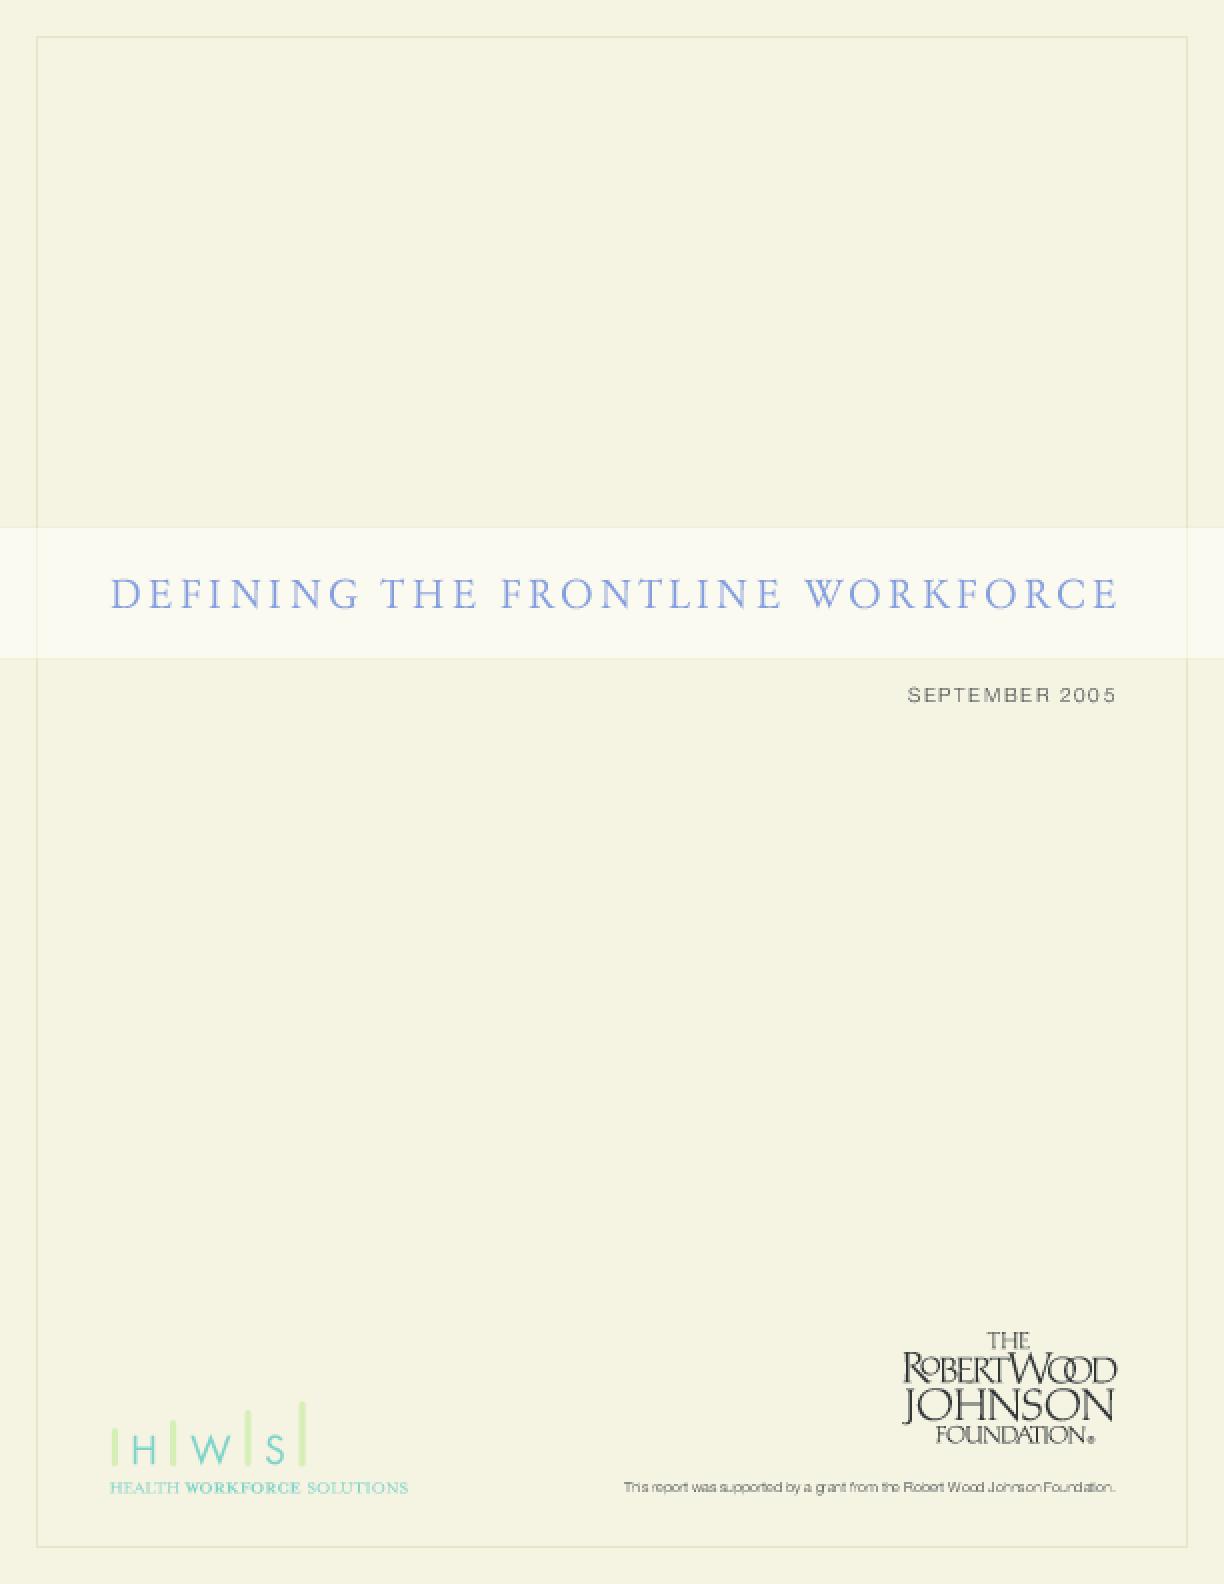 Defining the Frontline Workforce